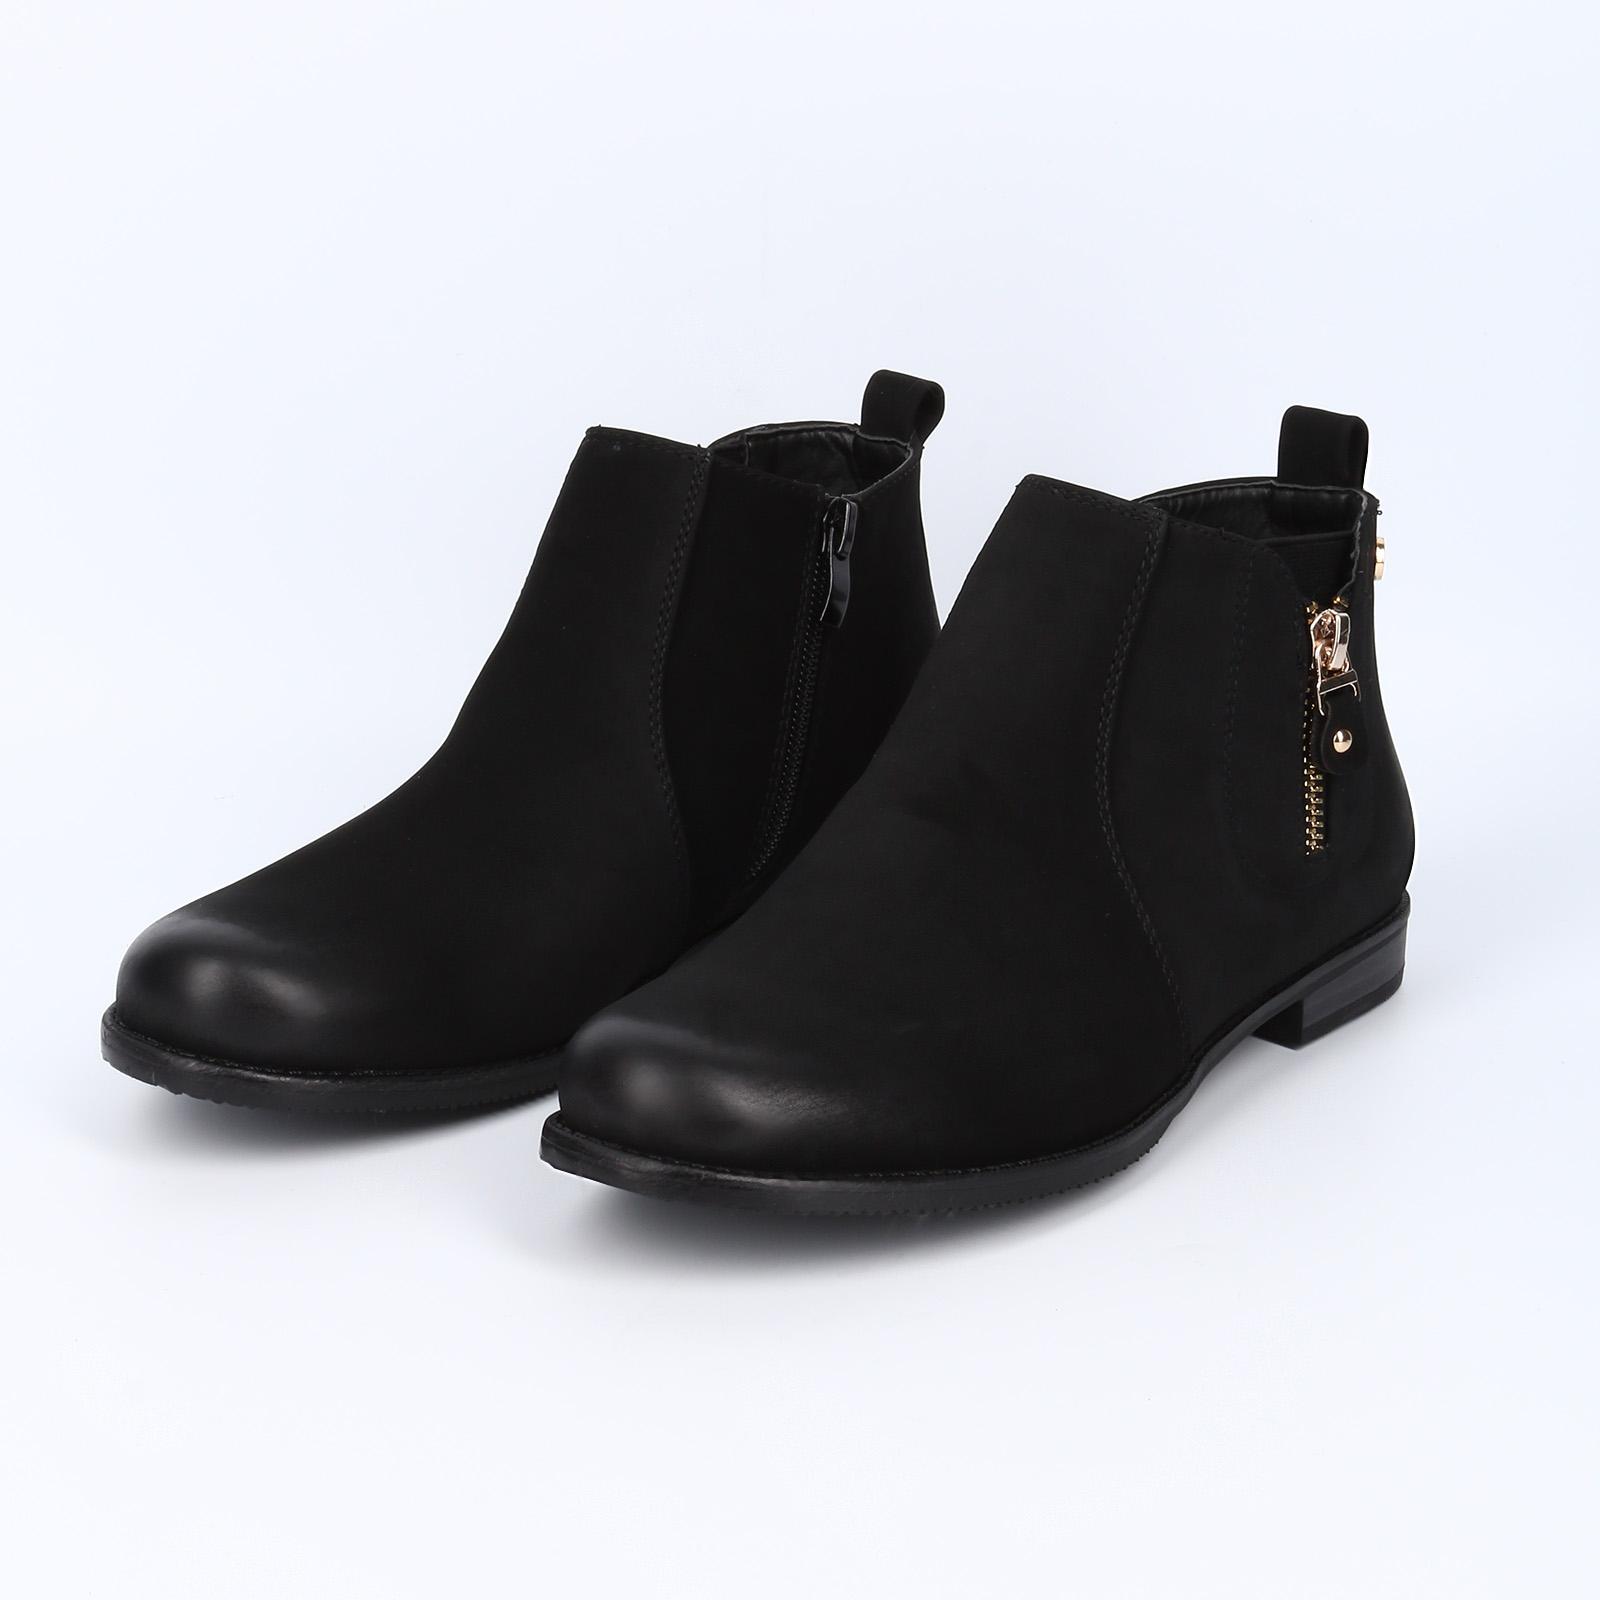 Ботинки на молнии с эластичной вставкой